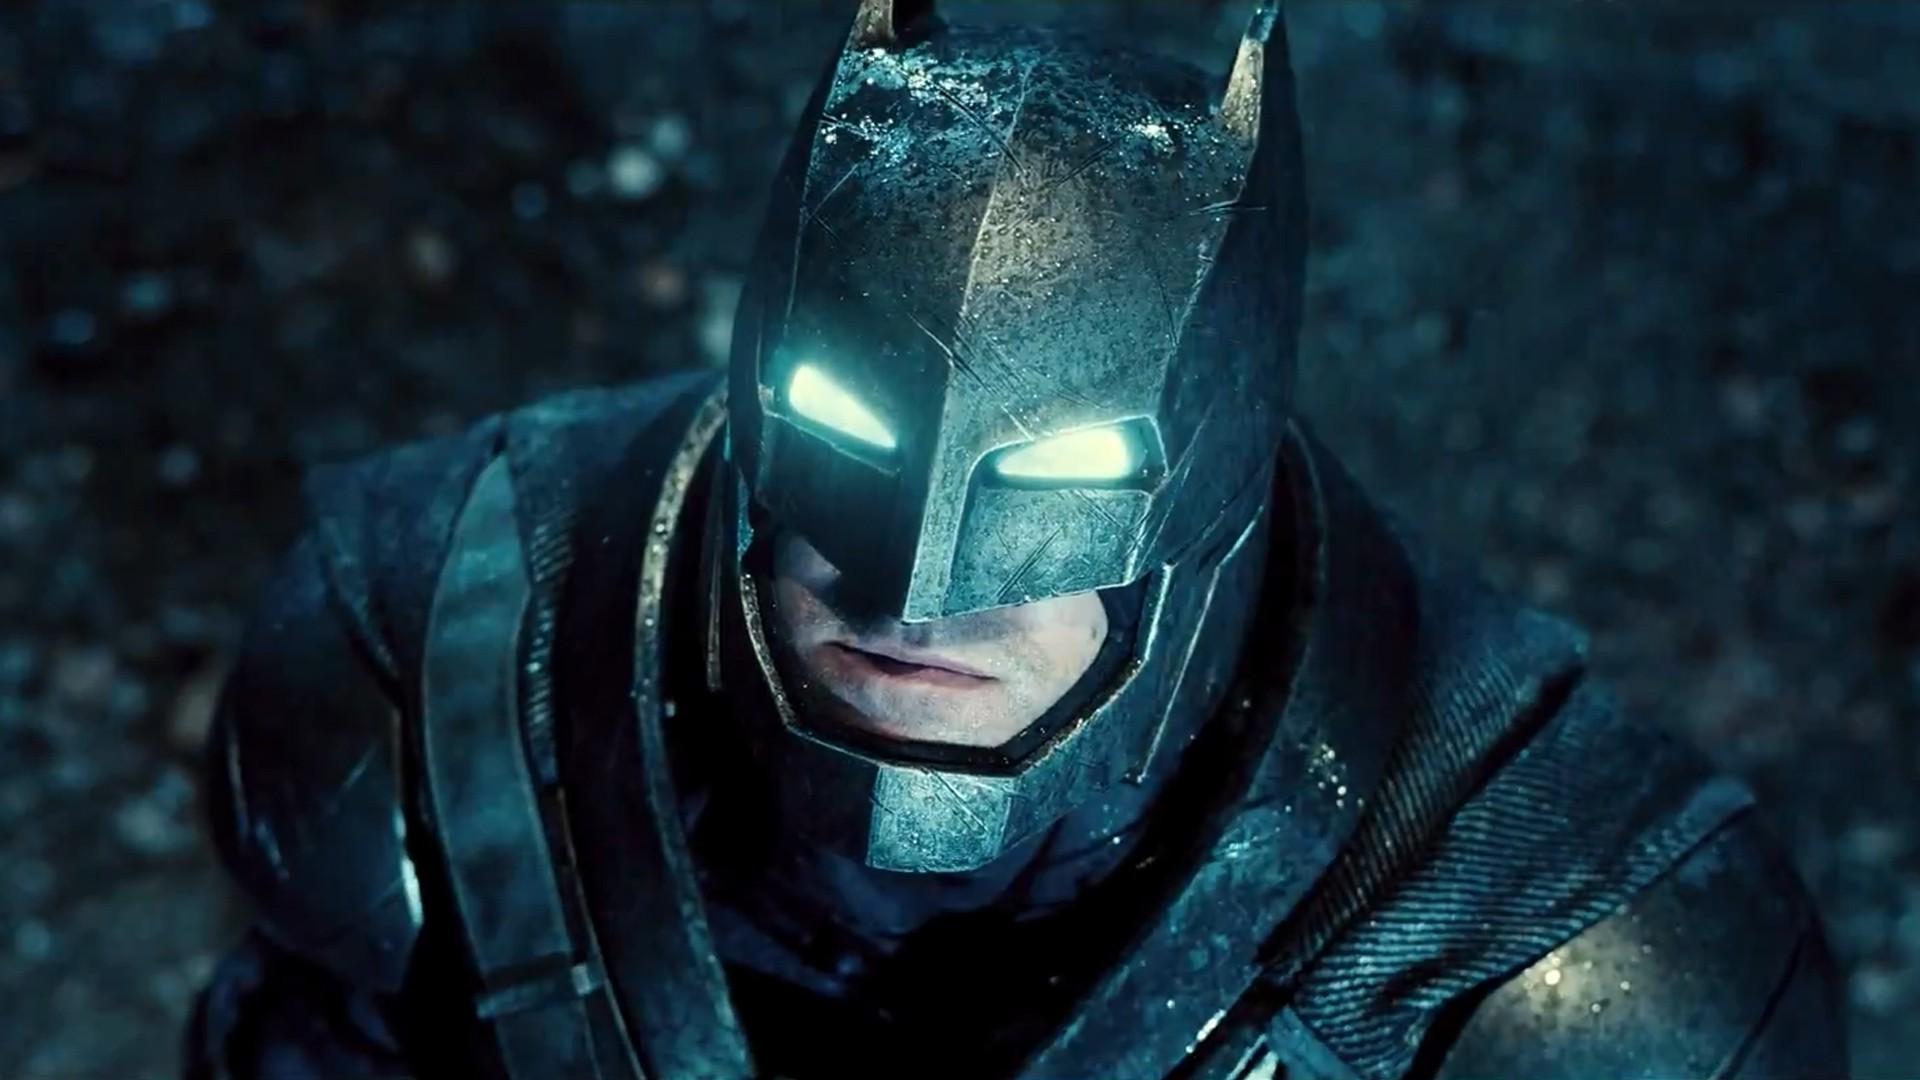 1920x1080 Px Batman V Superman Dawn Of Justice Ben Affleck DC Comics